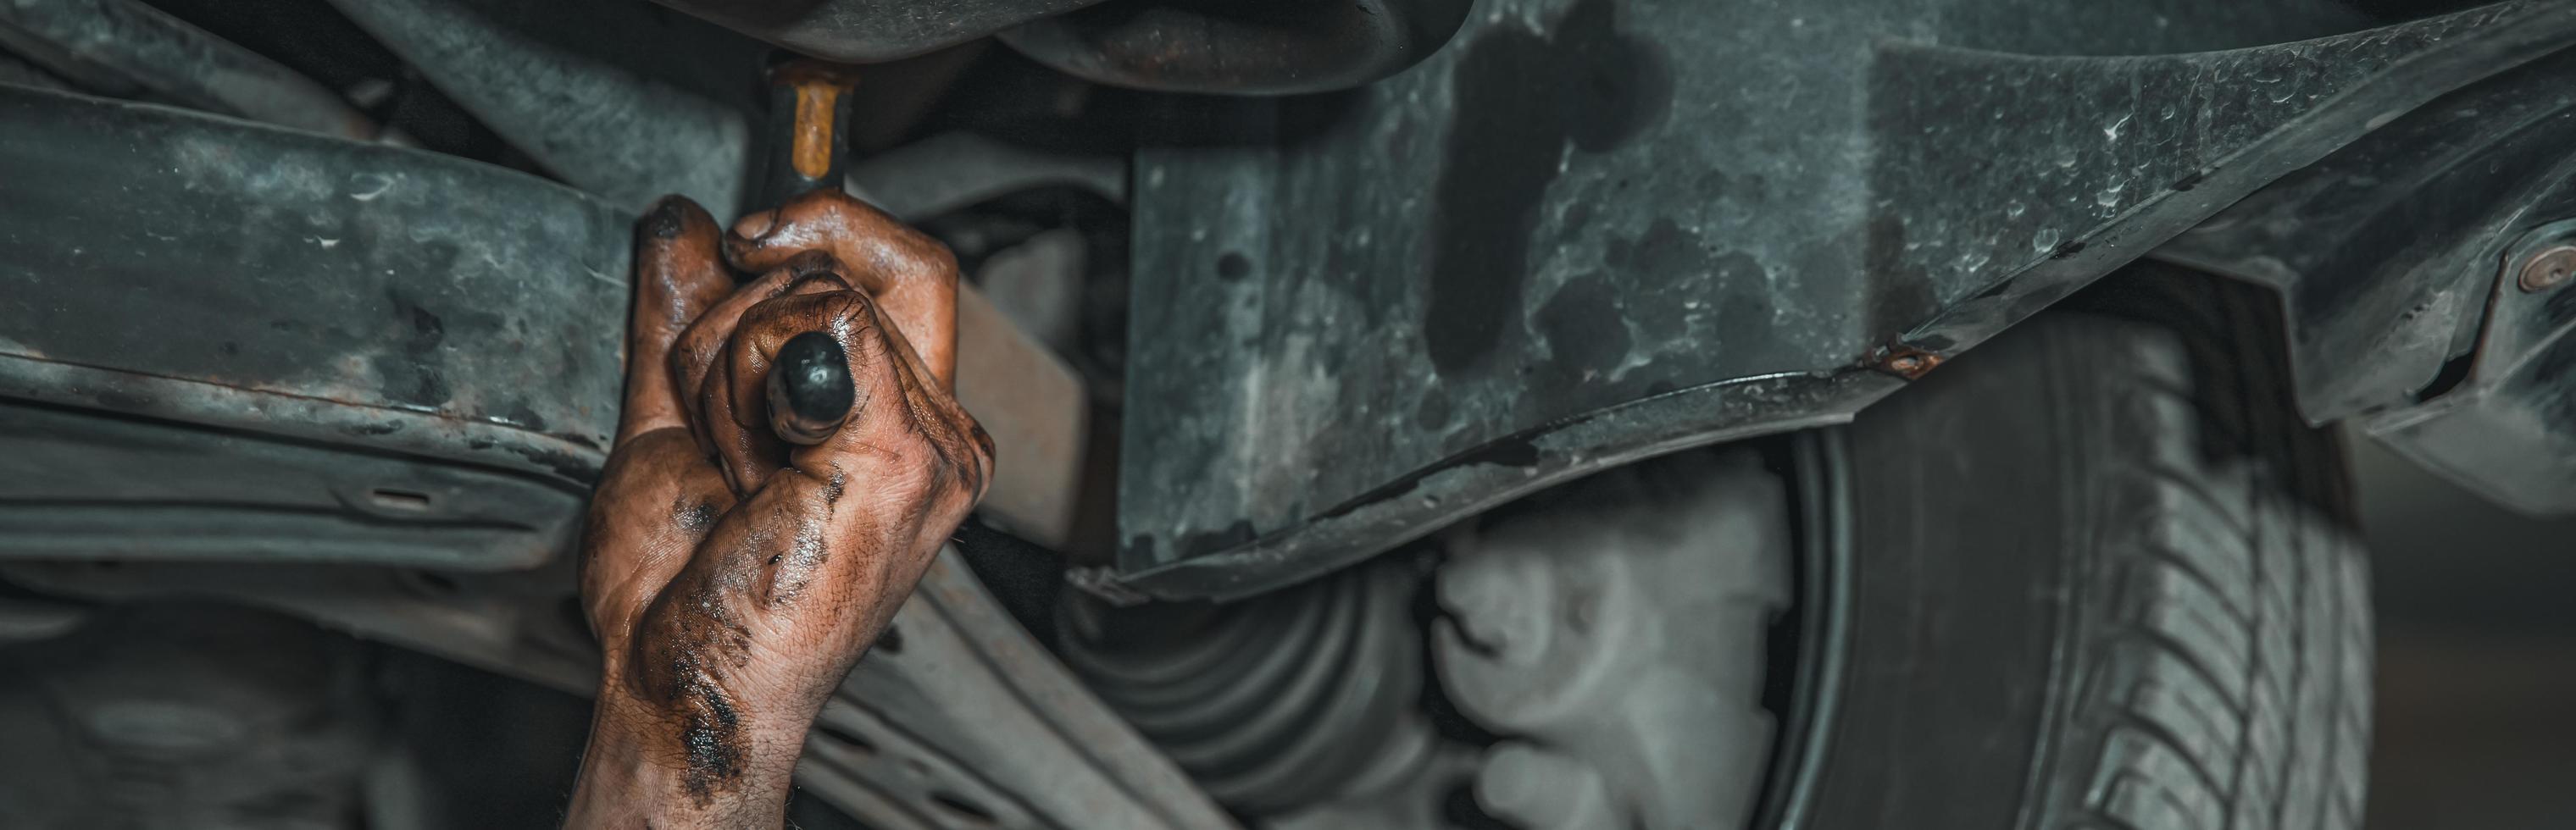 vette mechanische hand reikt onder de motorkap foto